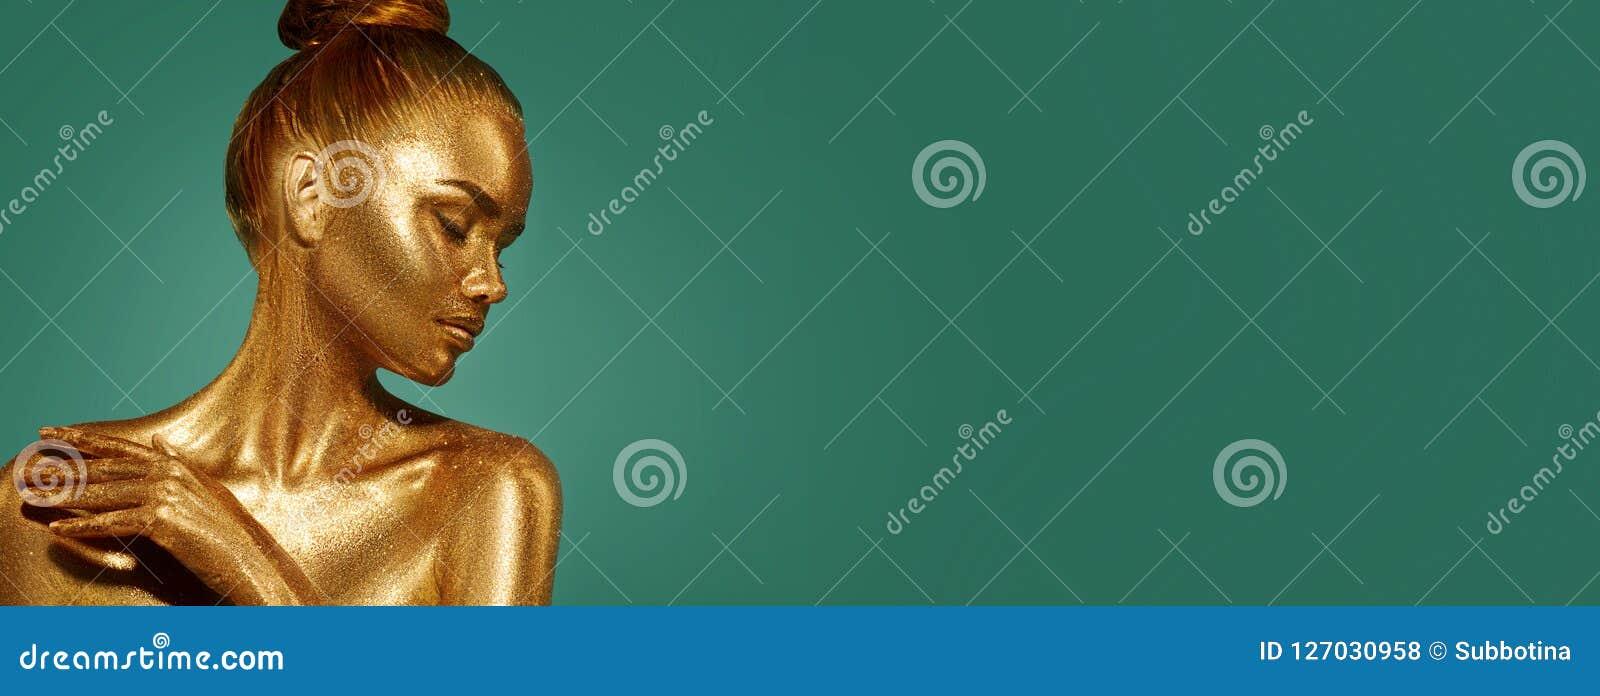 Золотой портрет женщины красоты кожи Девушка фотомодели с составом праздника золотым